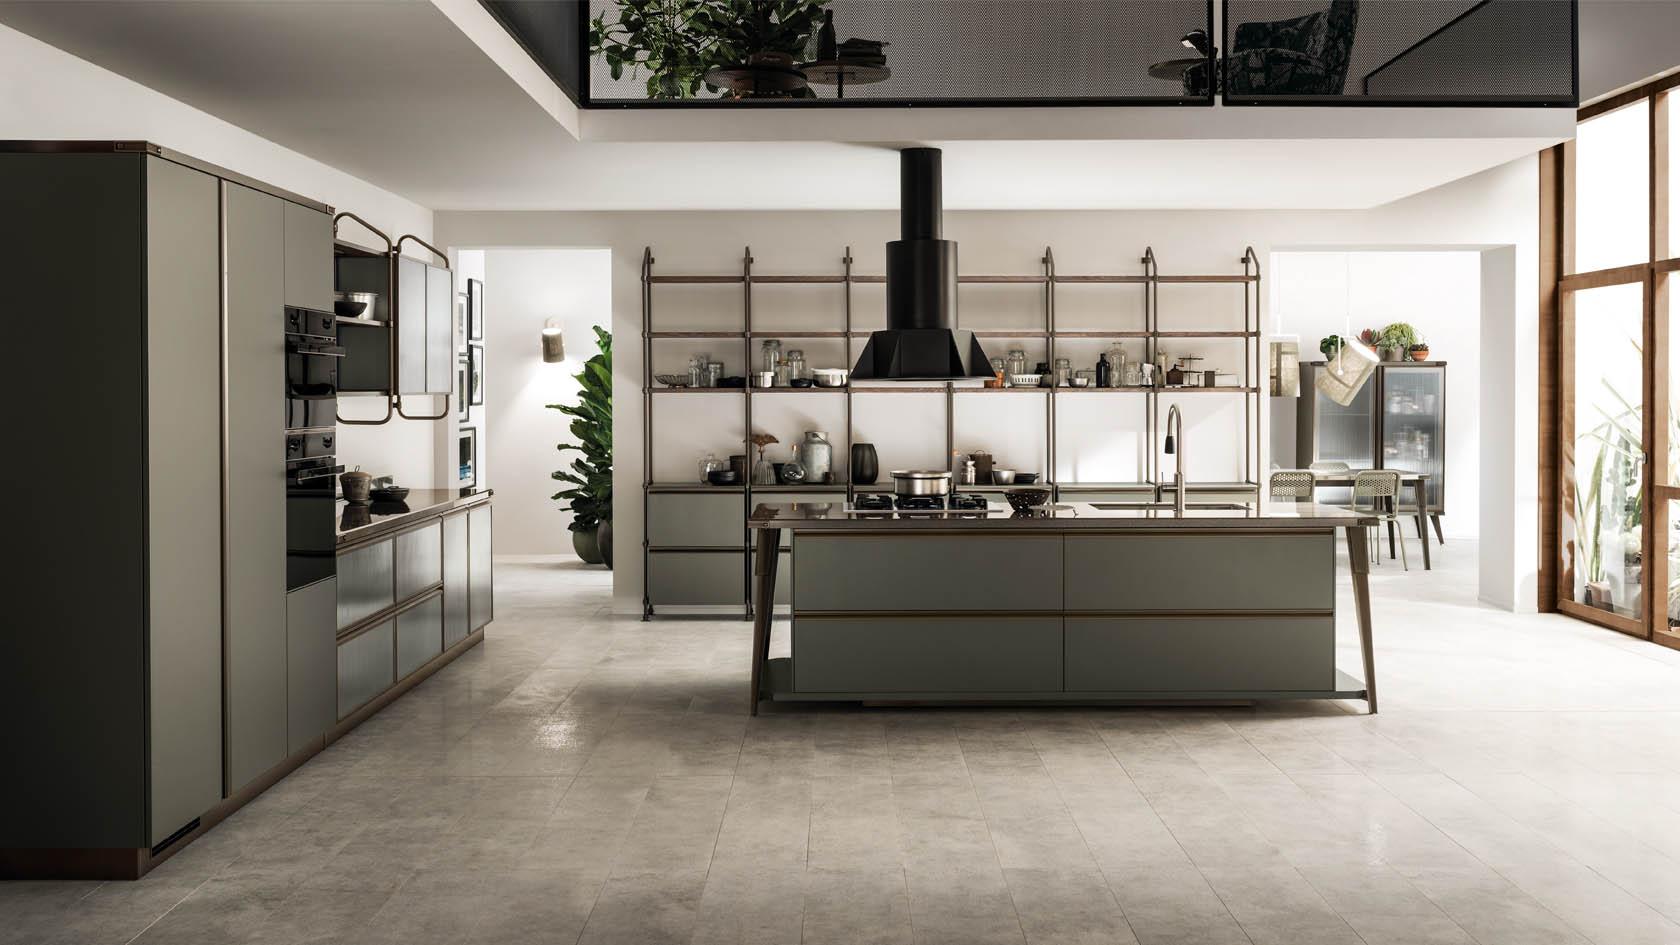 cucina-scavolini-diesel-opne-workshop-2 - Arredamenti Grossi